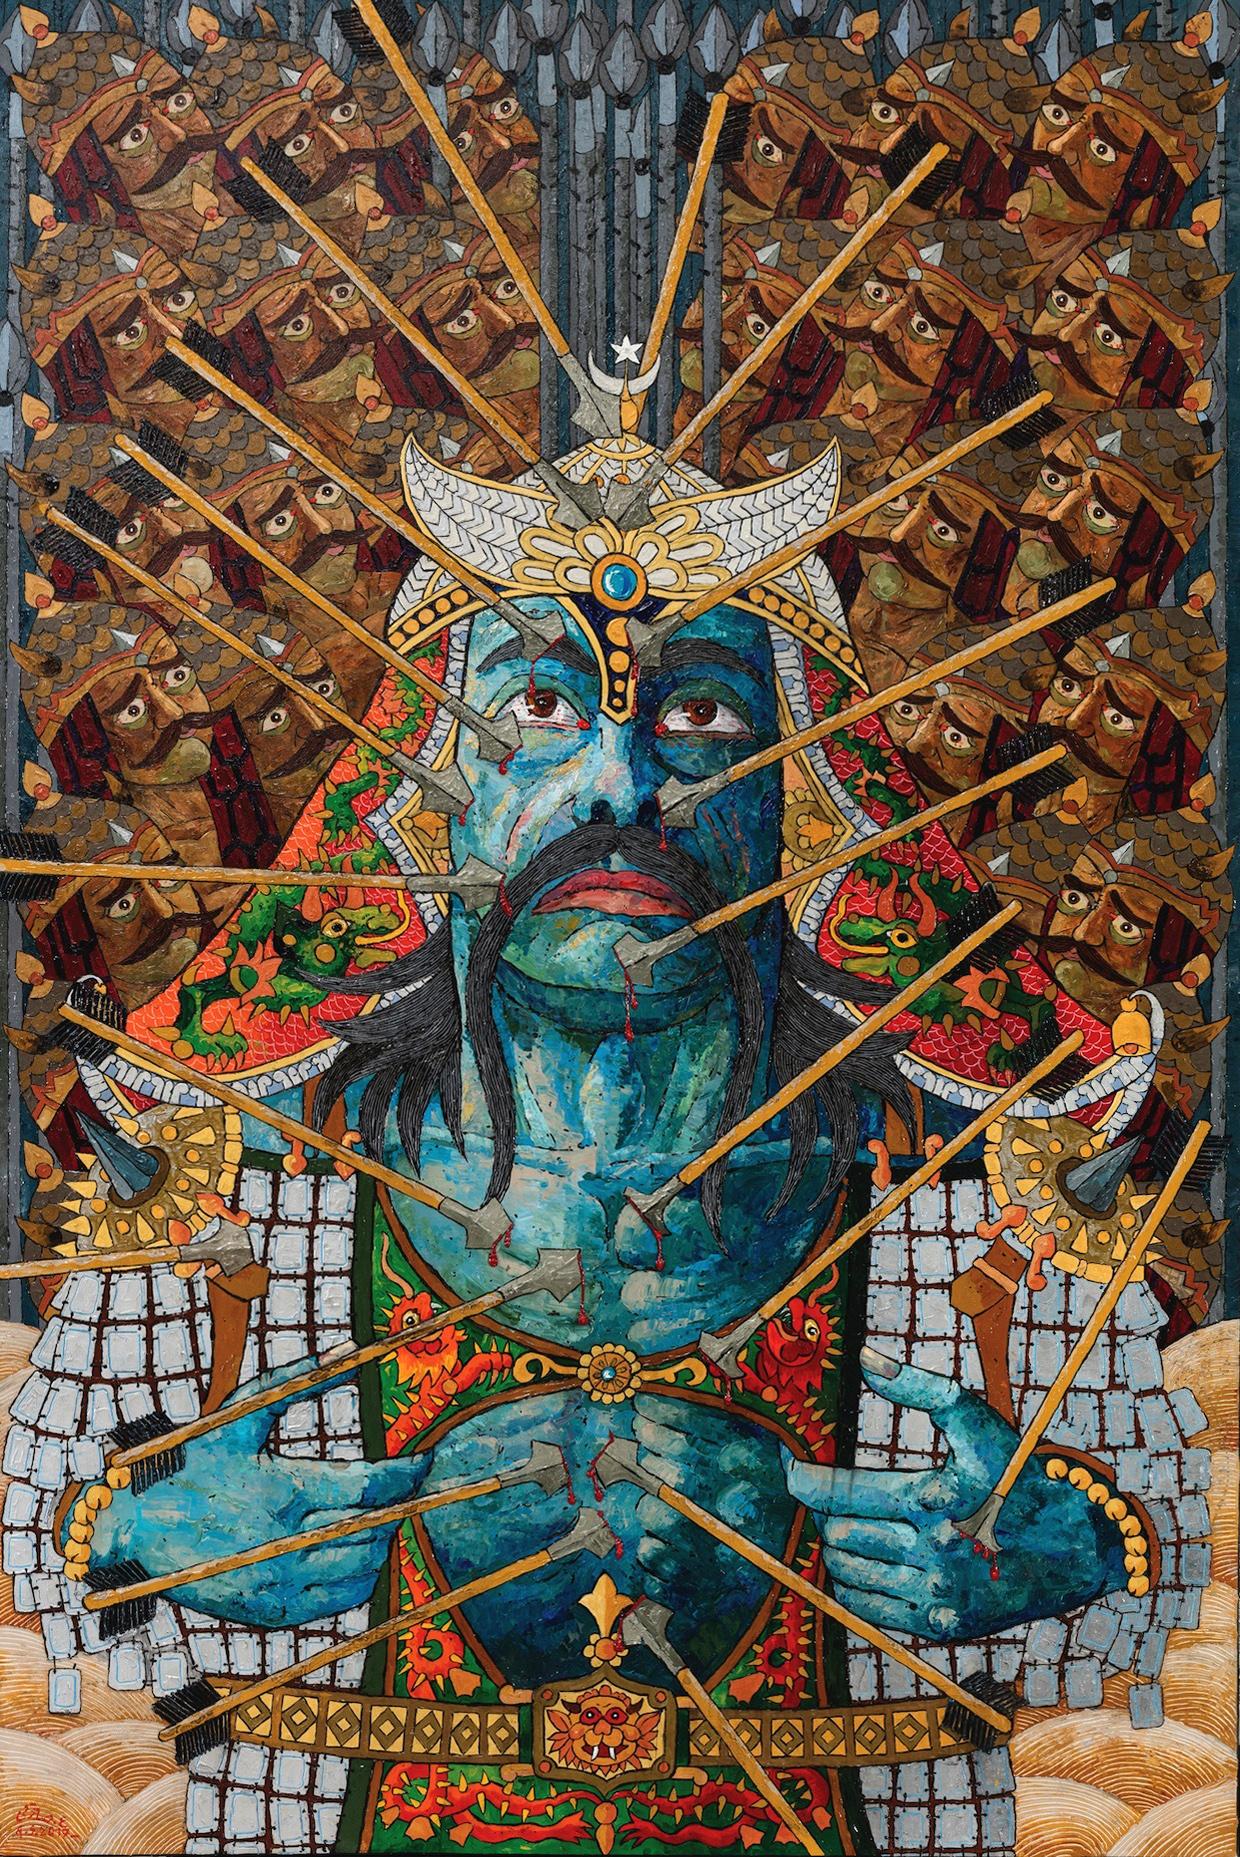 Ali Akbar Sadeghi - As Satan & Soul 06